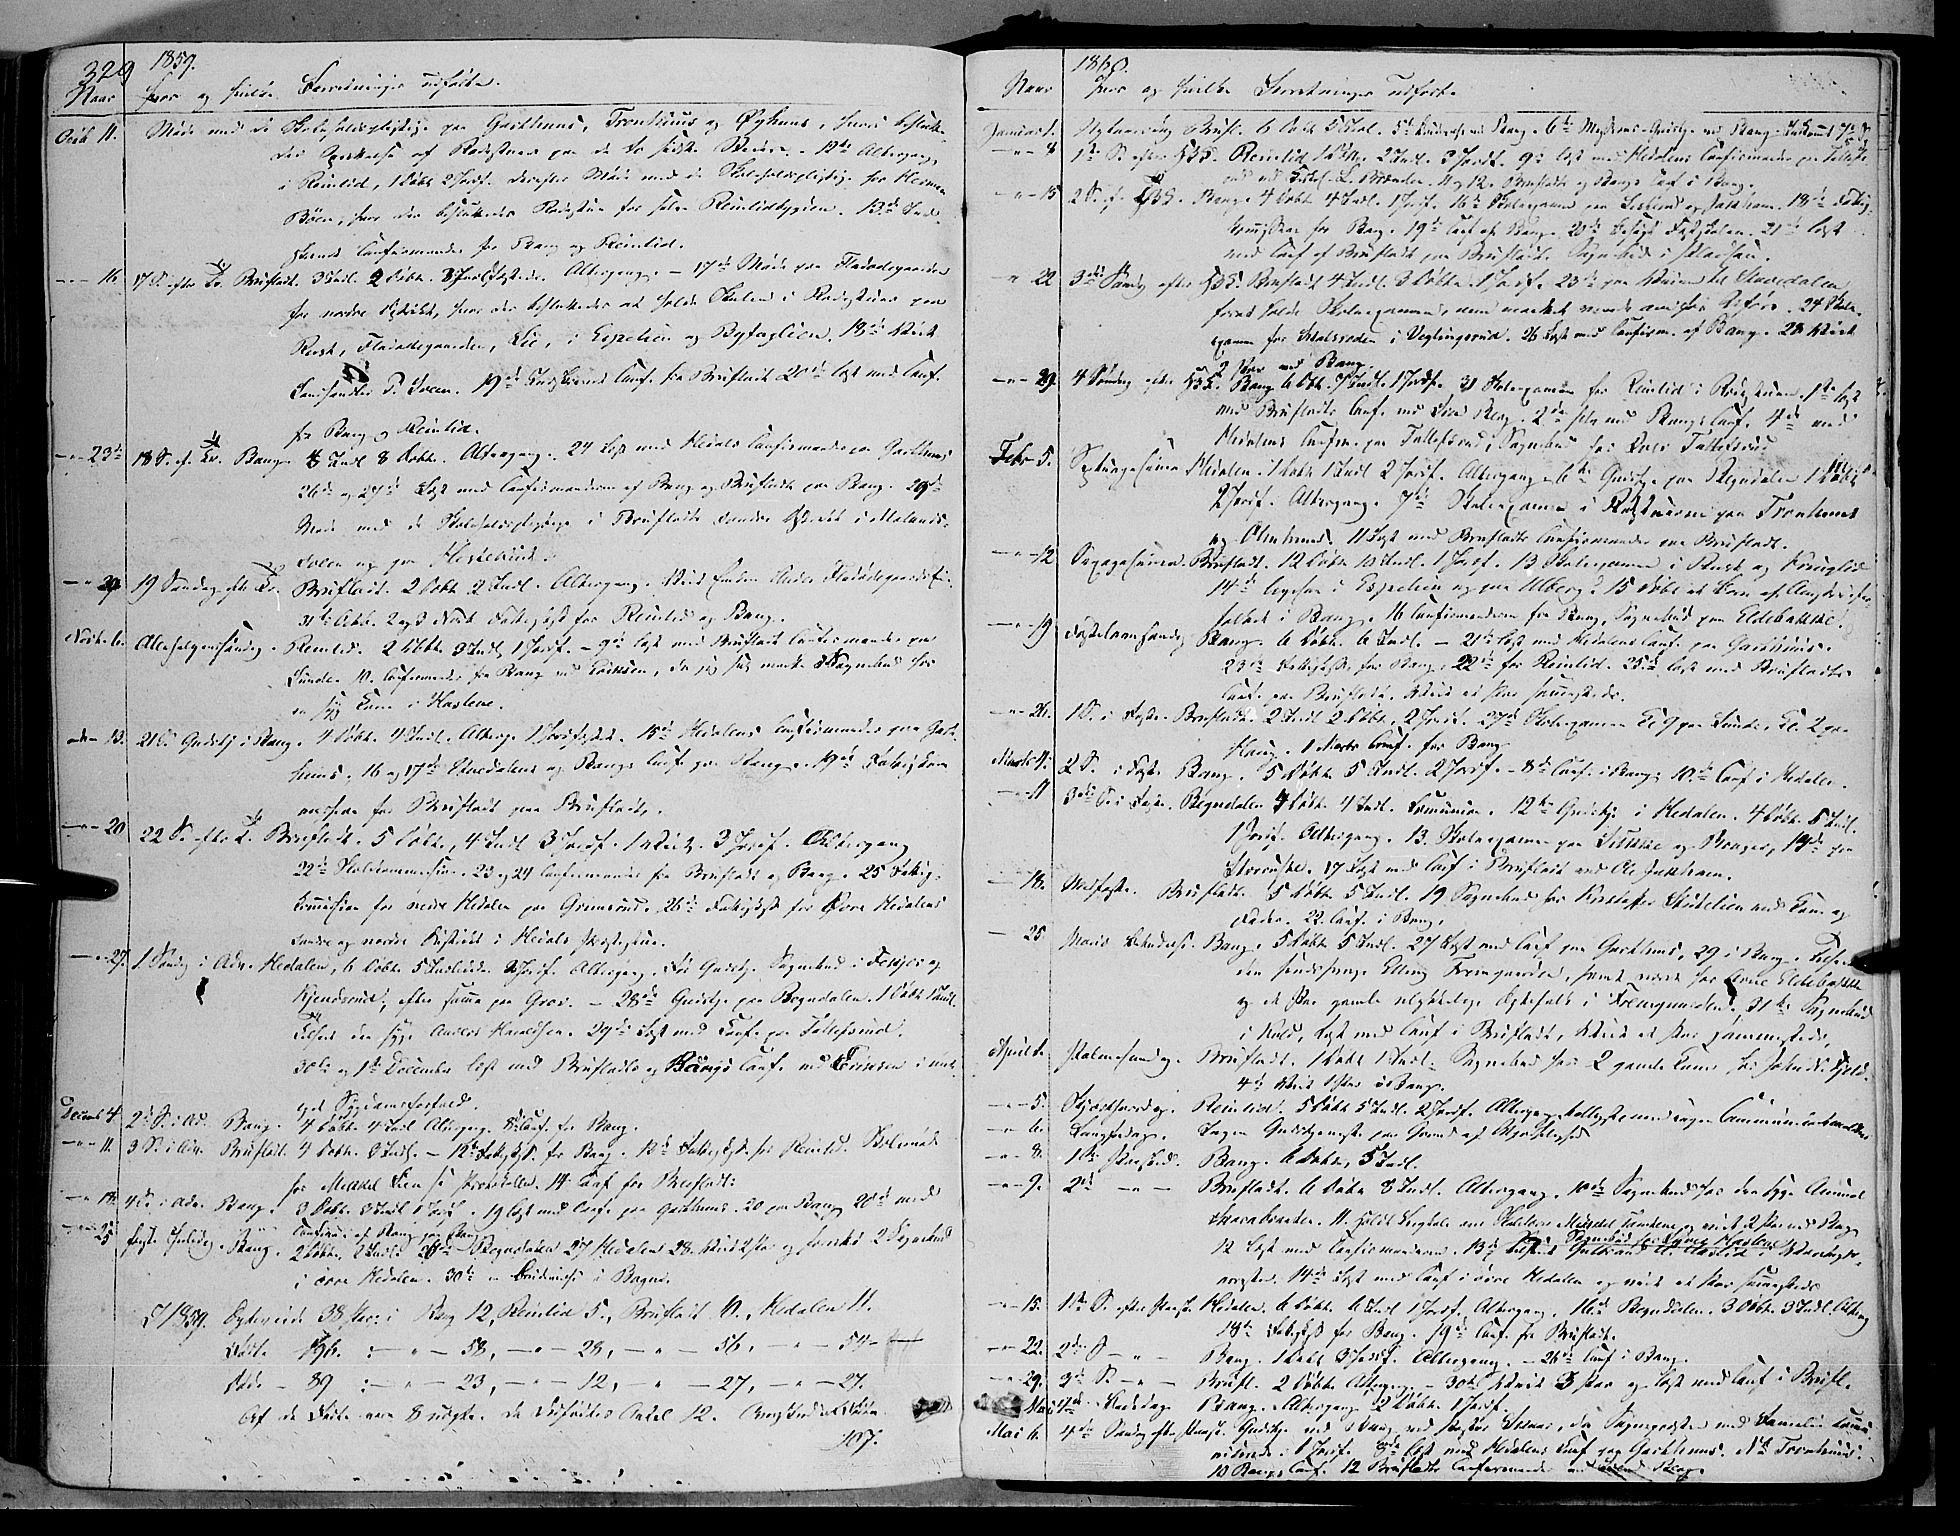 SAH, Sør-Aurdal prestekontor, Ministerialbok nr. 5, 1849-1876, s. 329